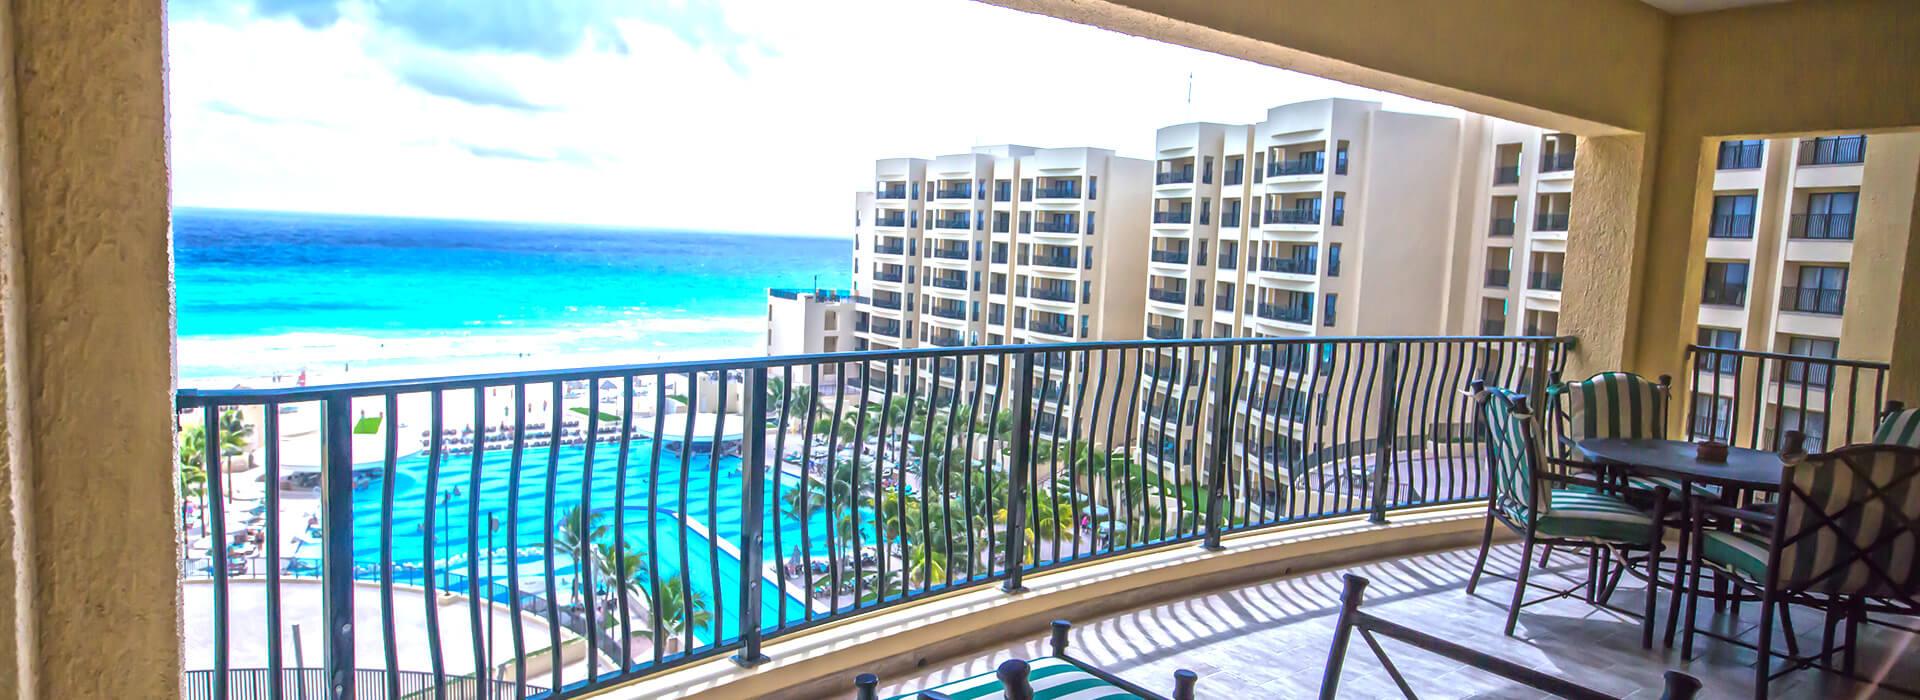 Villas con vista al mar de dos recamaras y balcón privado en el Resort Todo Incluido en Cancun